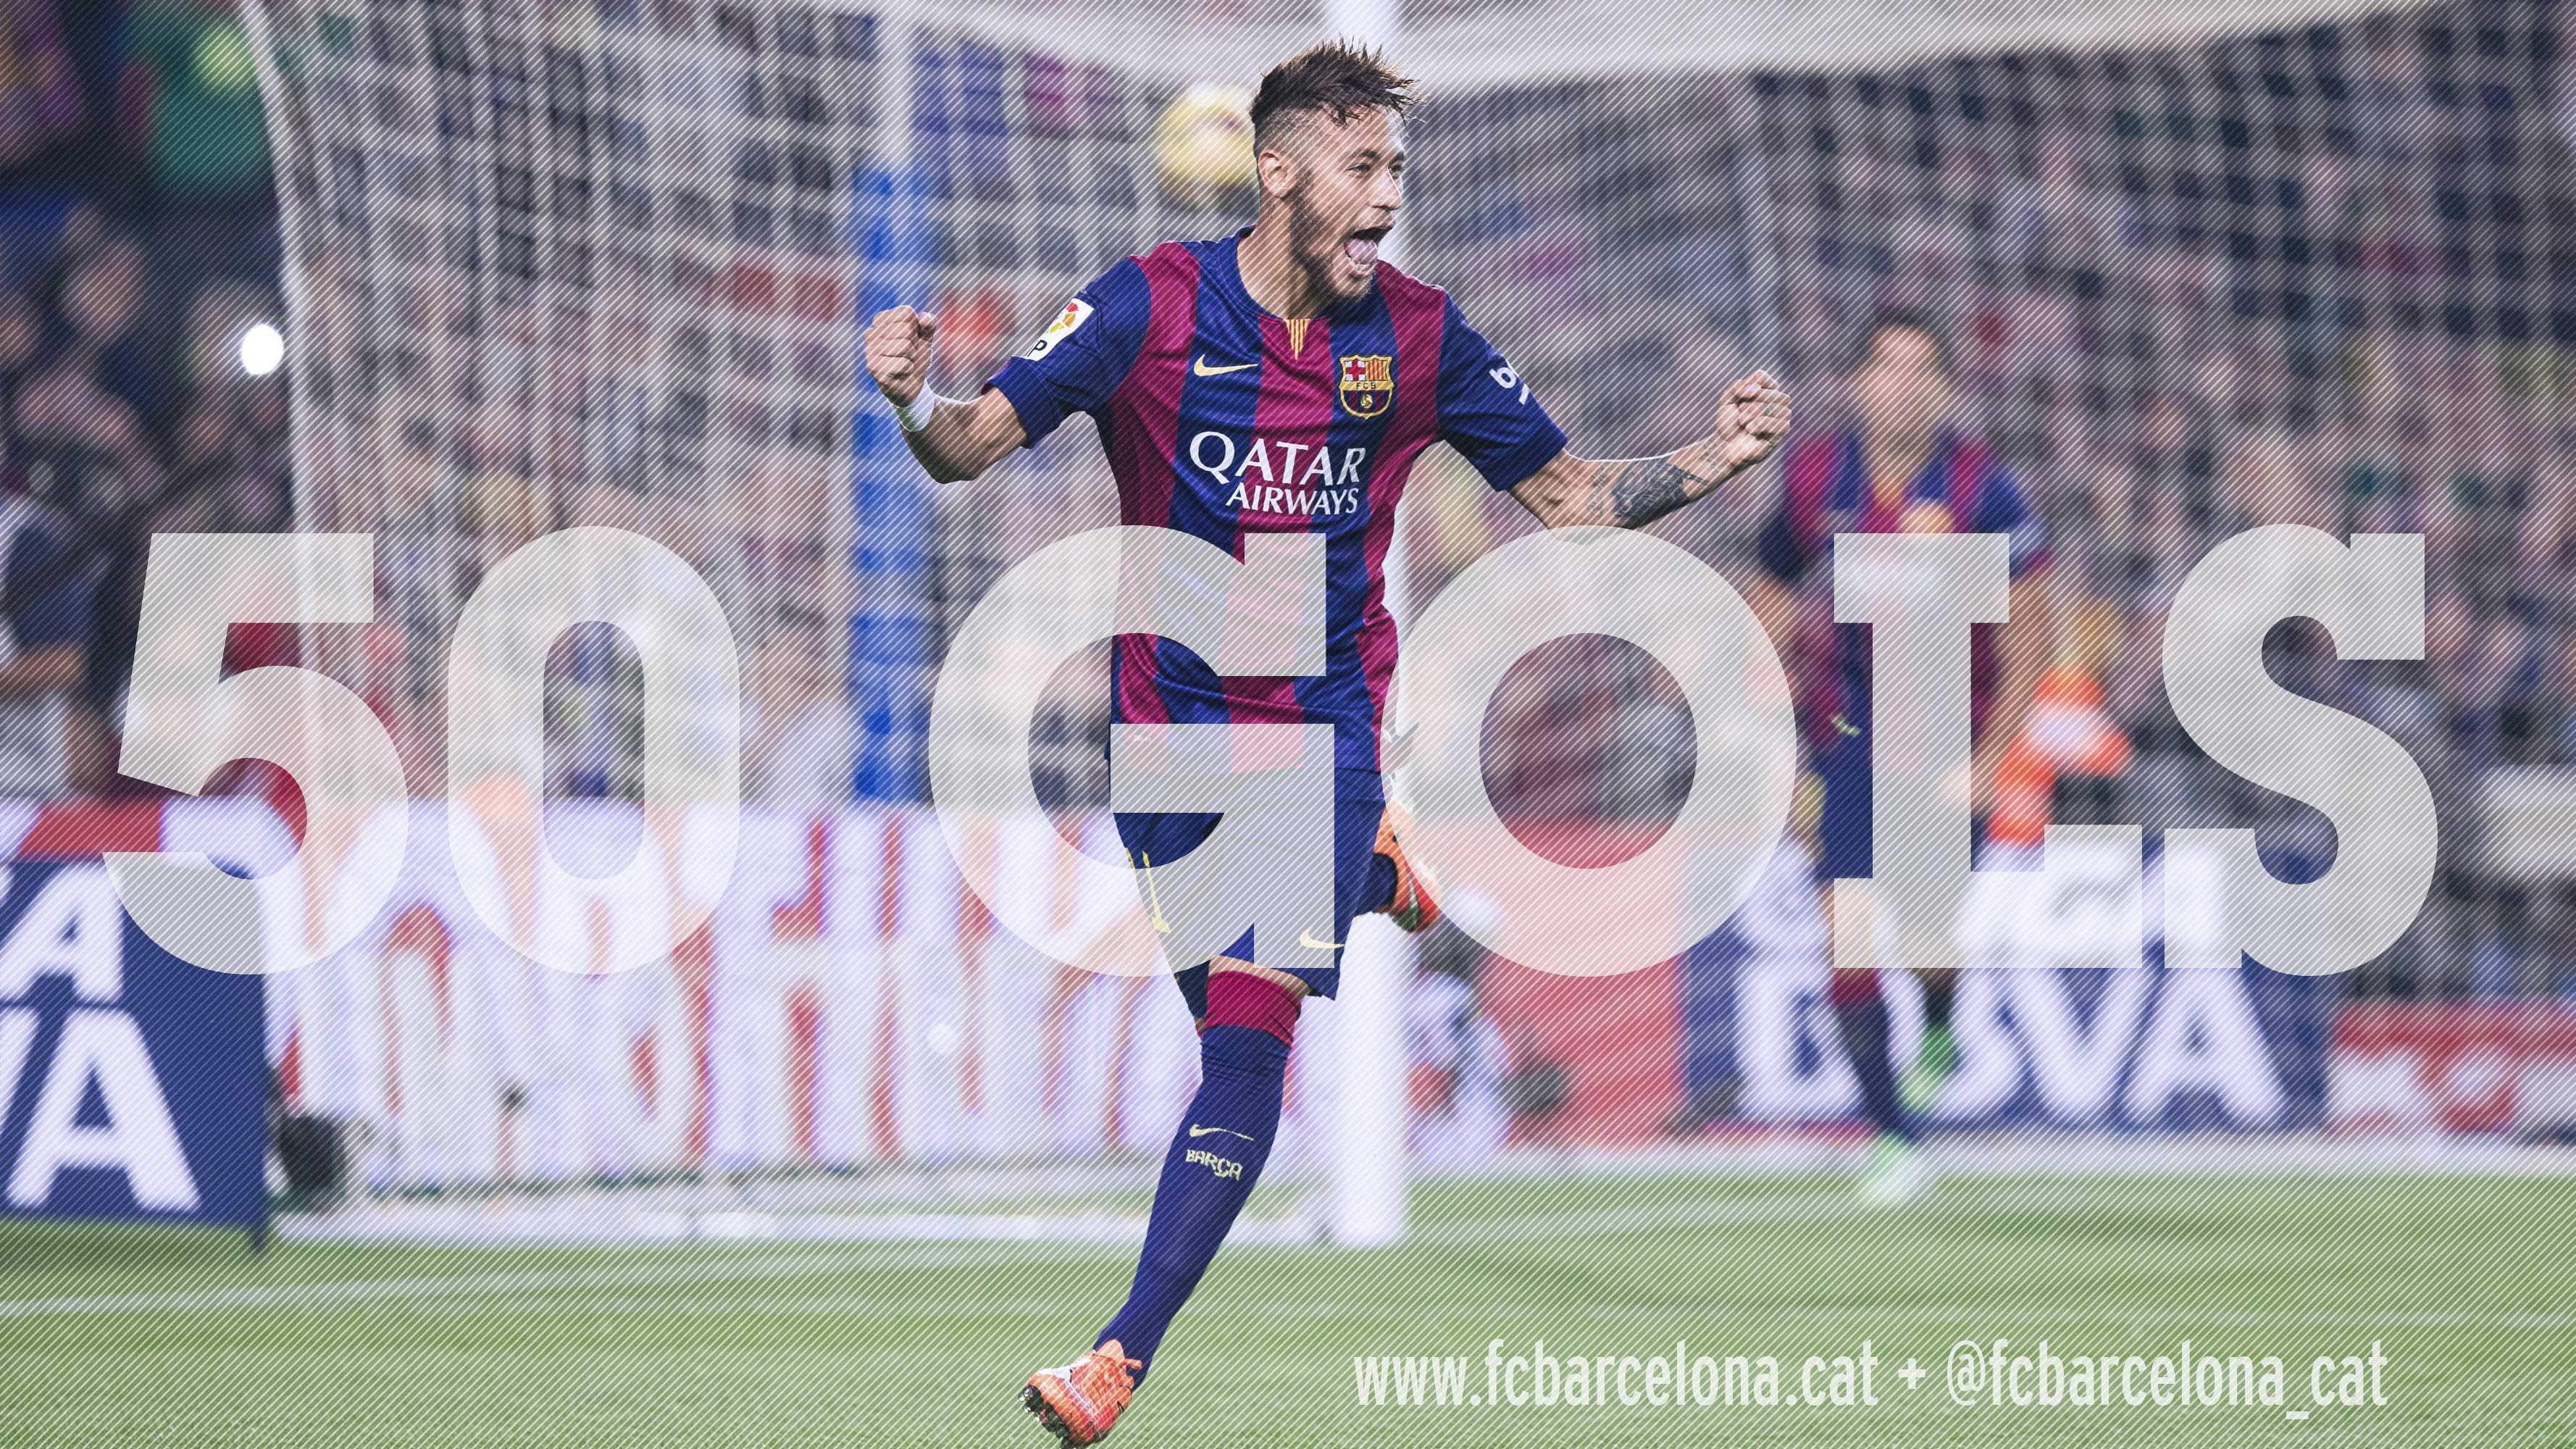 Spécial Messi et FCBarcelone (Part 2) - Page 12 50_NEYMAR_WEB_catala.v1431196024